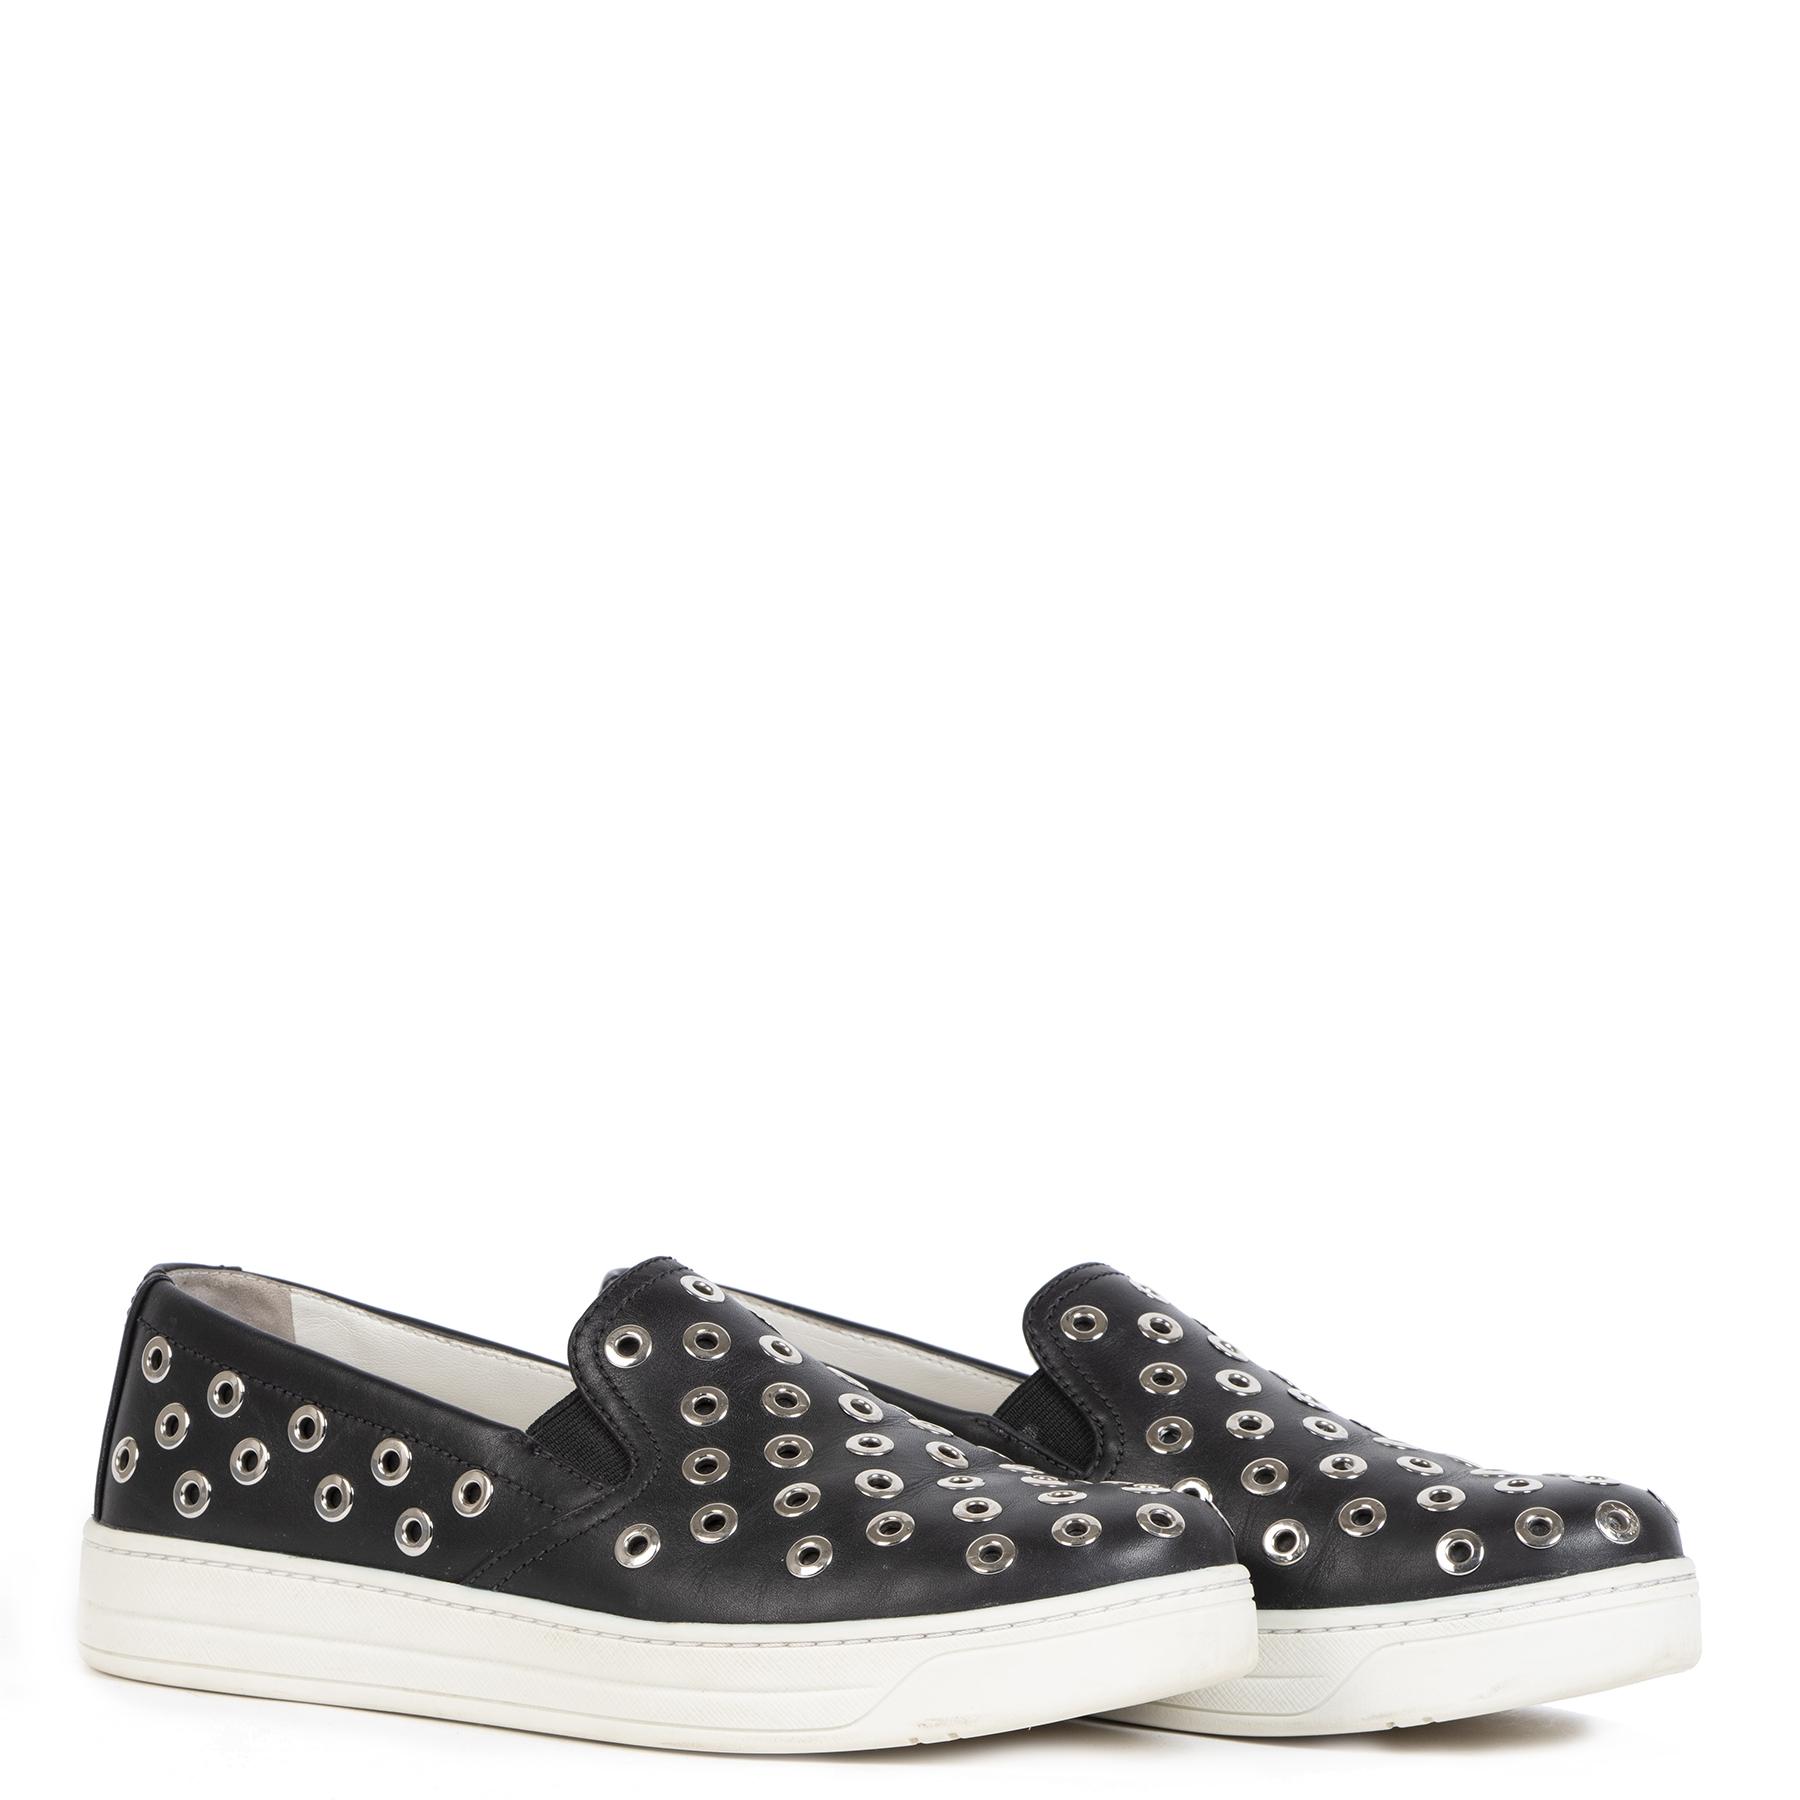 Authentieke Tweedehands Prada Black Slip On Sneakers Silver Studs - size 36 juiste prijs veilig online shoppen luxe merken webshop winkelen Antwerpen België mode fashion